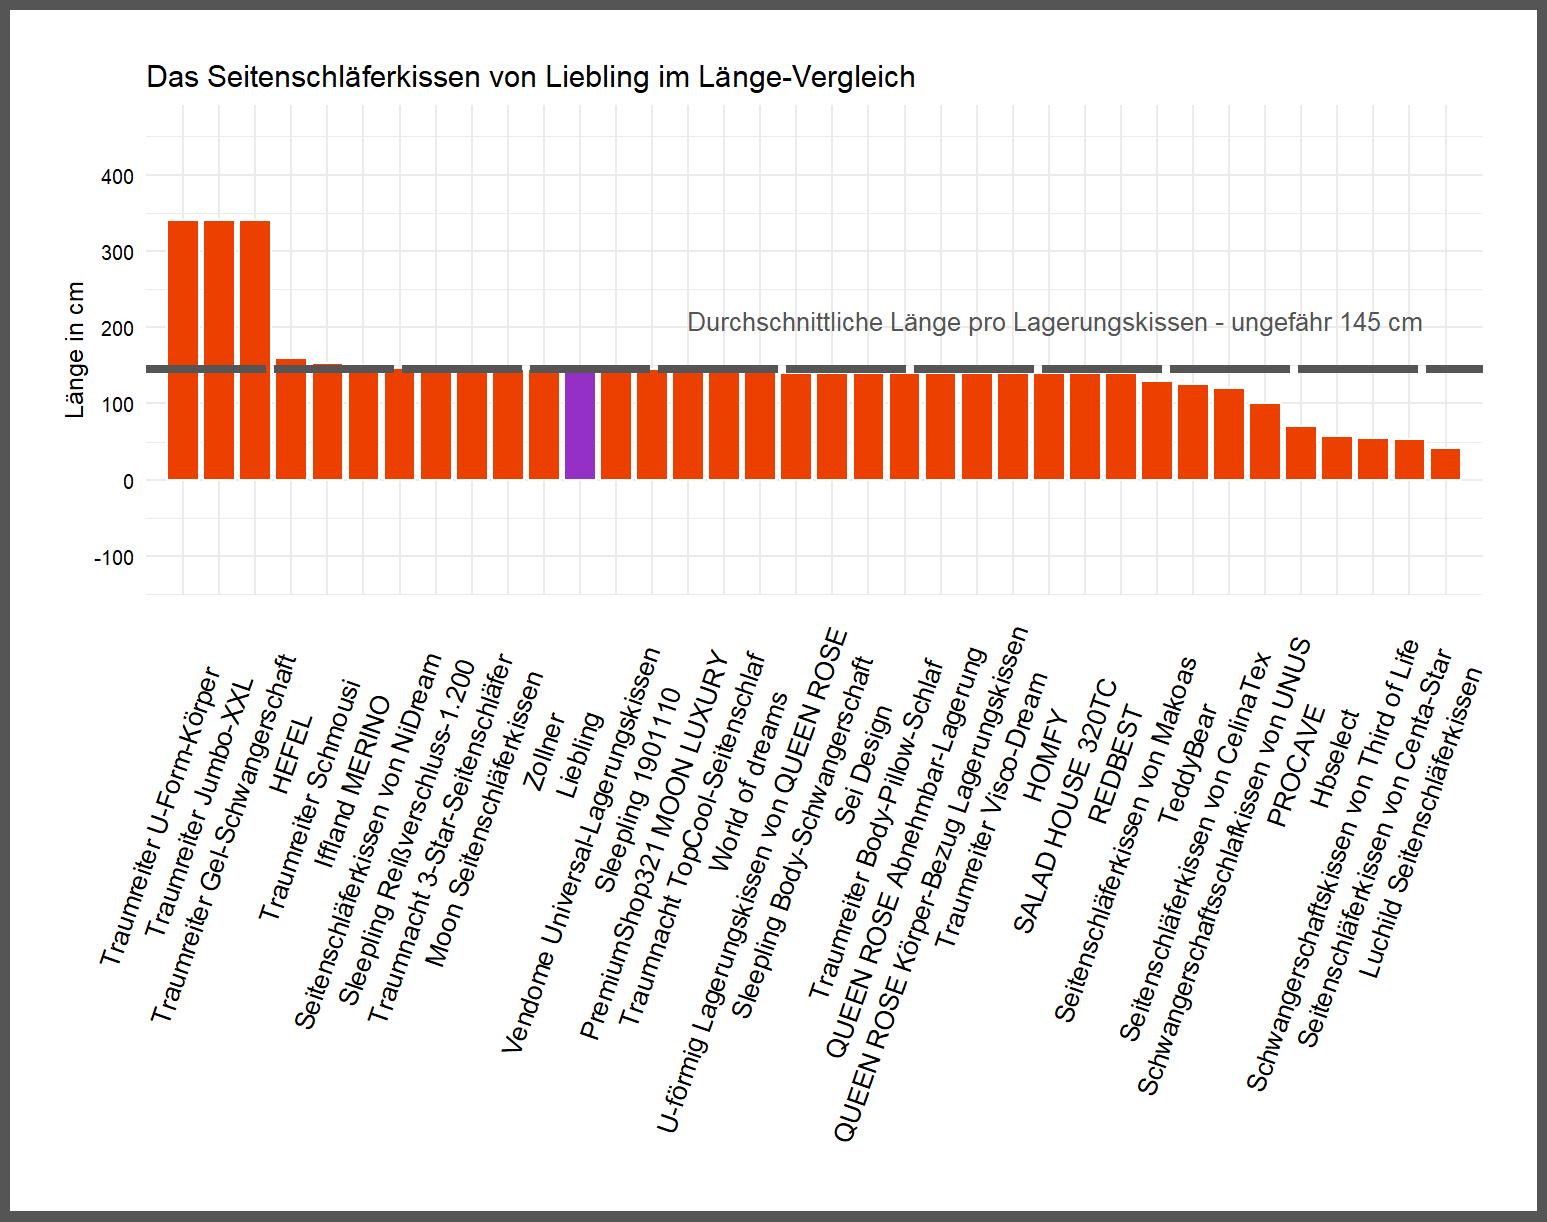 Länge-Vergleich von dem Liebling Lagerungskissen